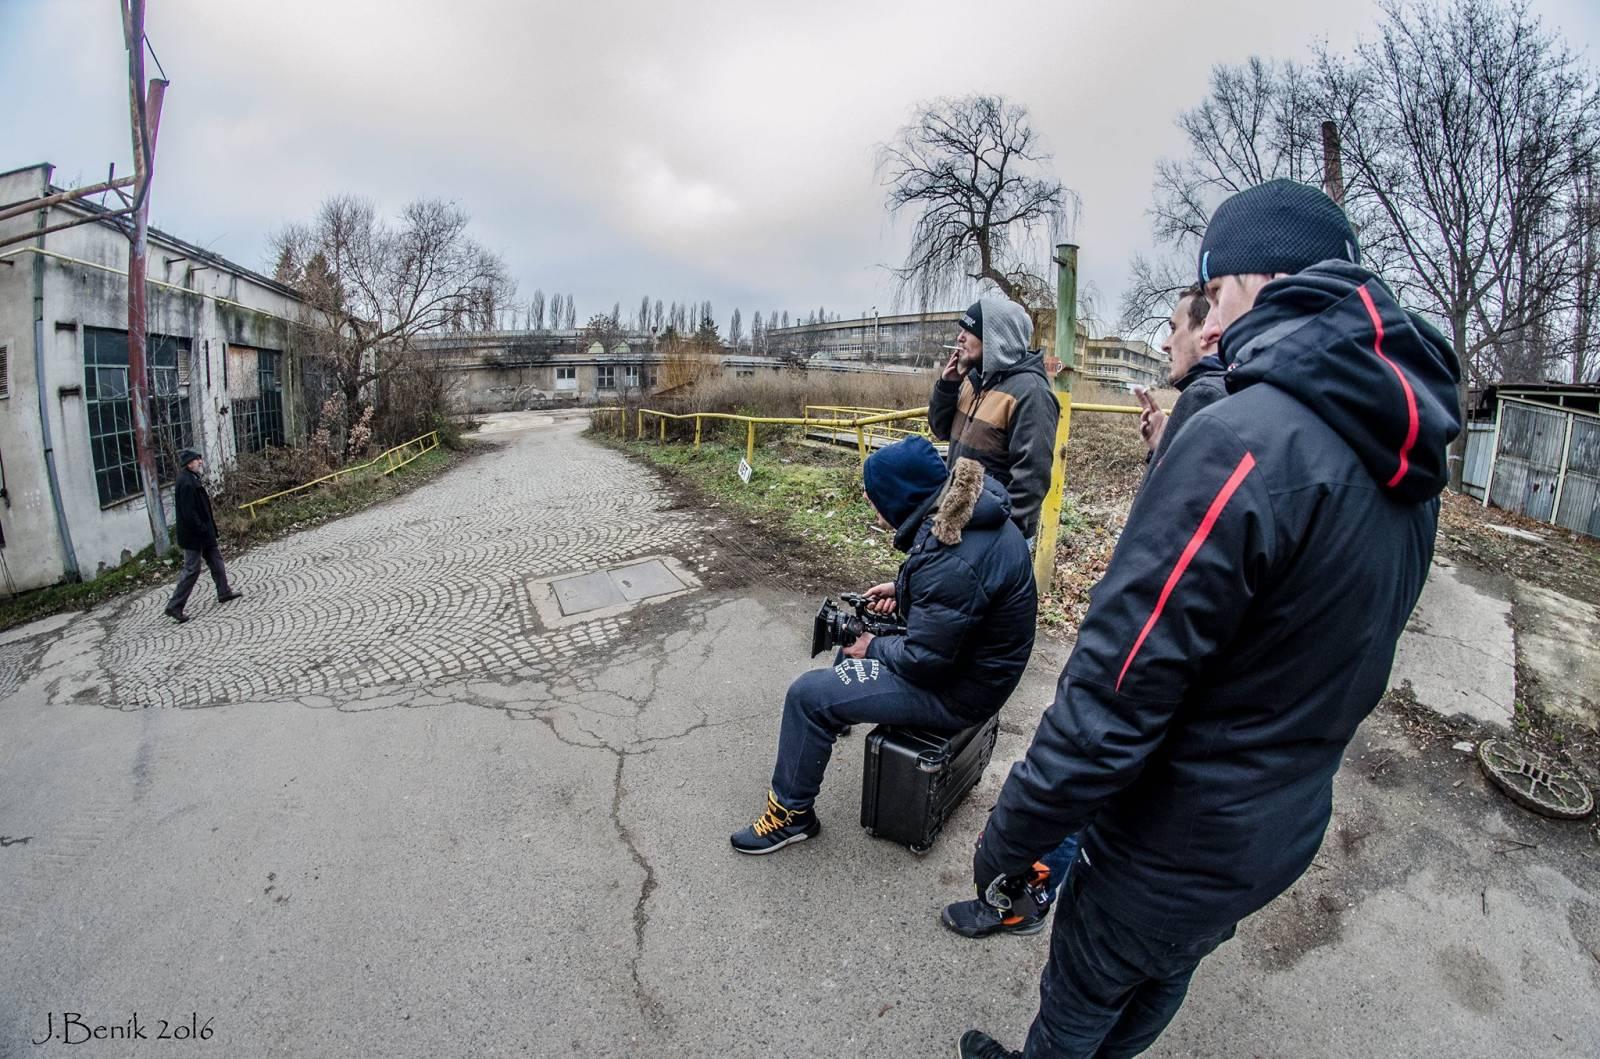 ROCKBLOG: Natáčení klipu skupiny Traktor pohledem fotografa: Padlo asi sto vtipů a Letokruhy snad pětatřicetkrát